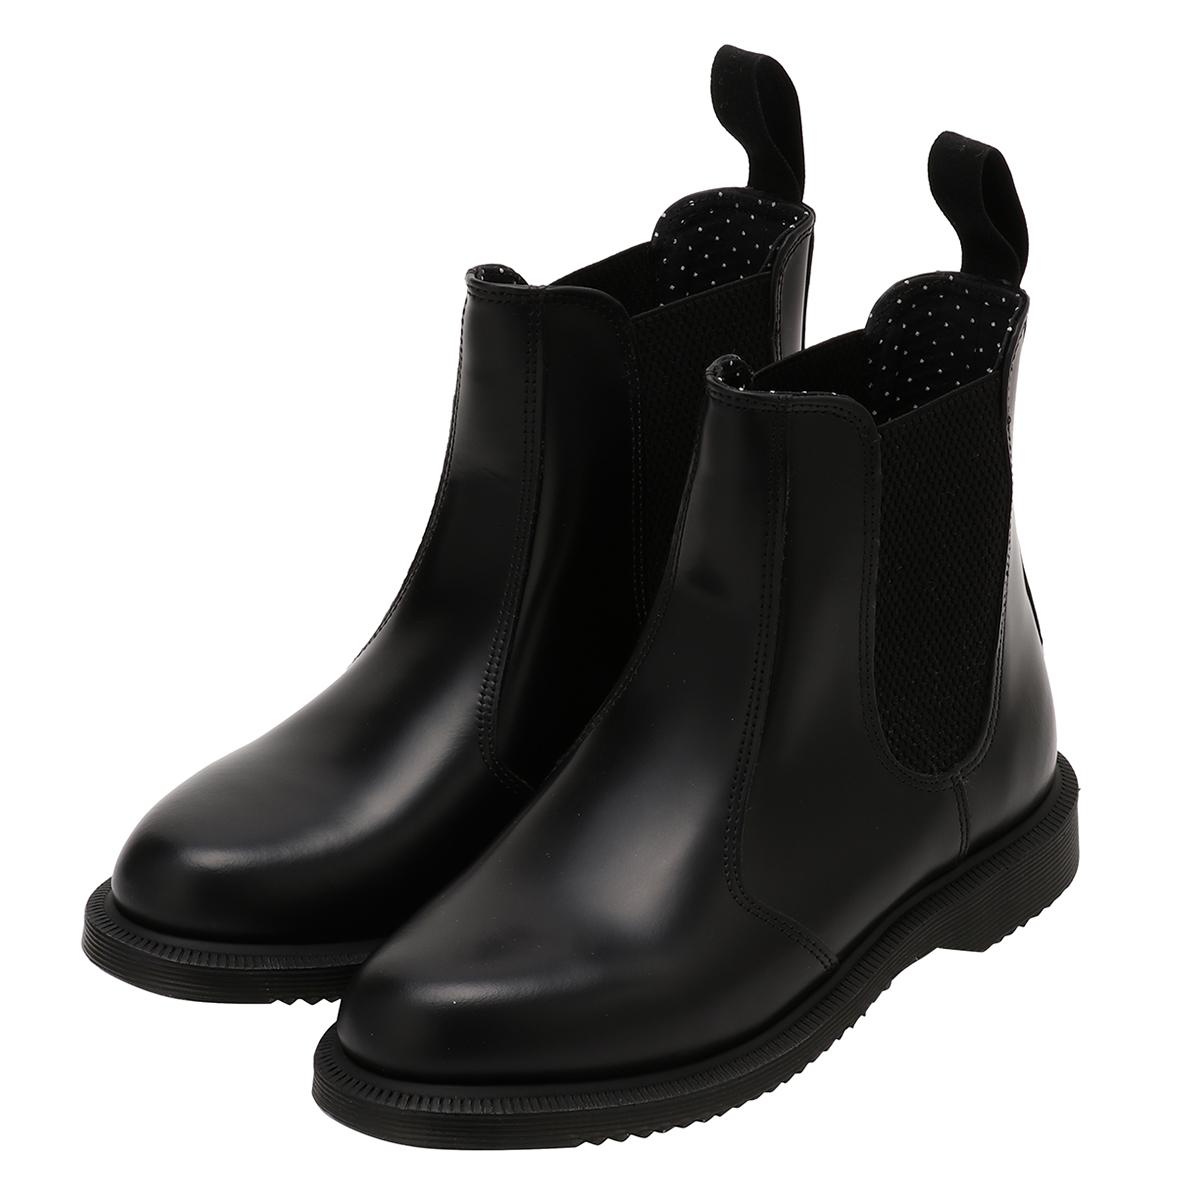 【即納】ドクターマーチン Dr. Martens レディース シューズ・靴 ブーツ【FLORA BOOTS】BLACK